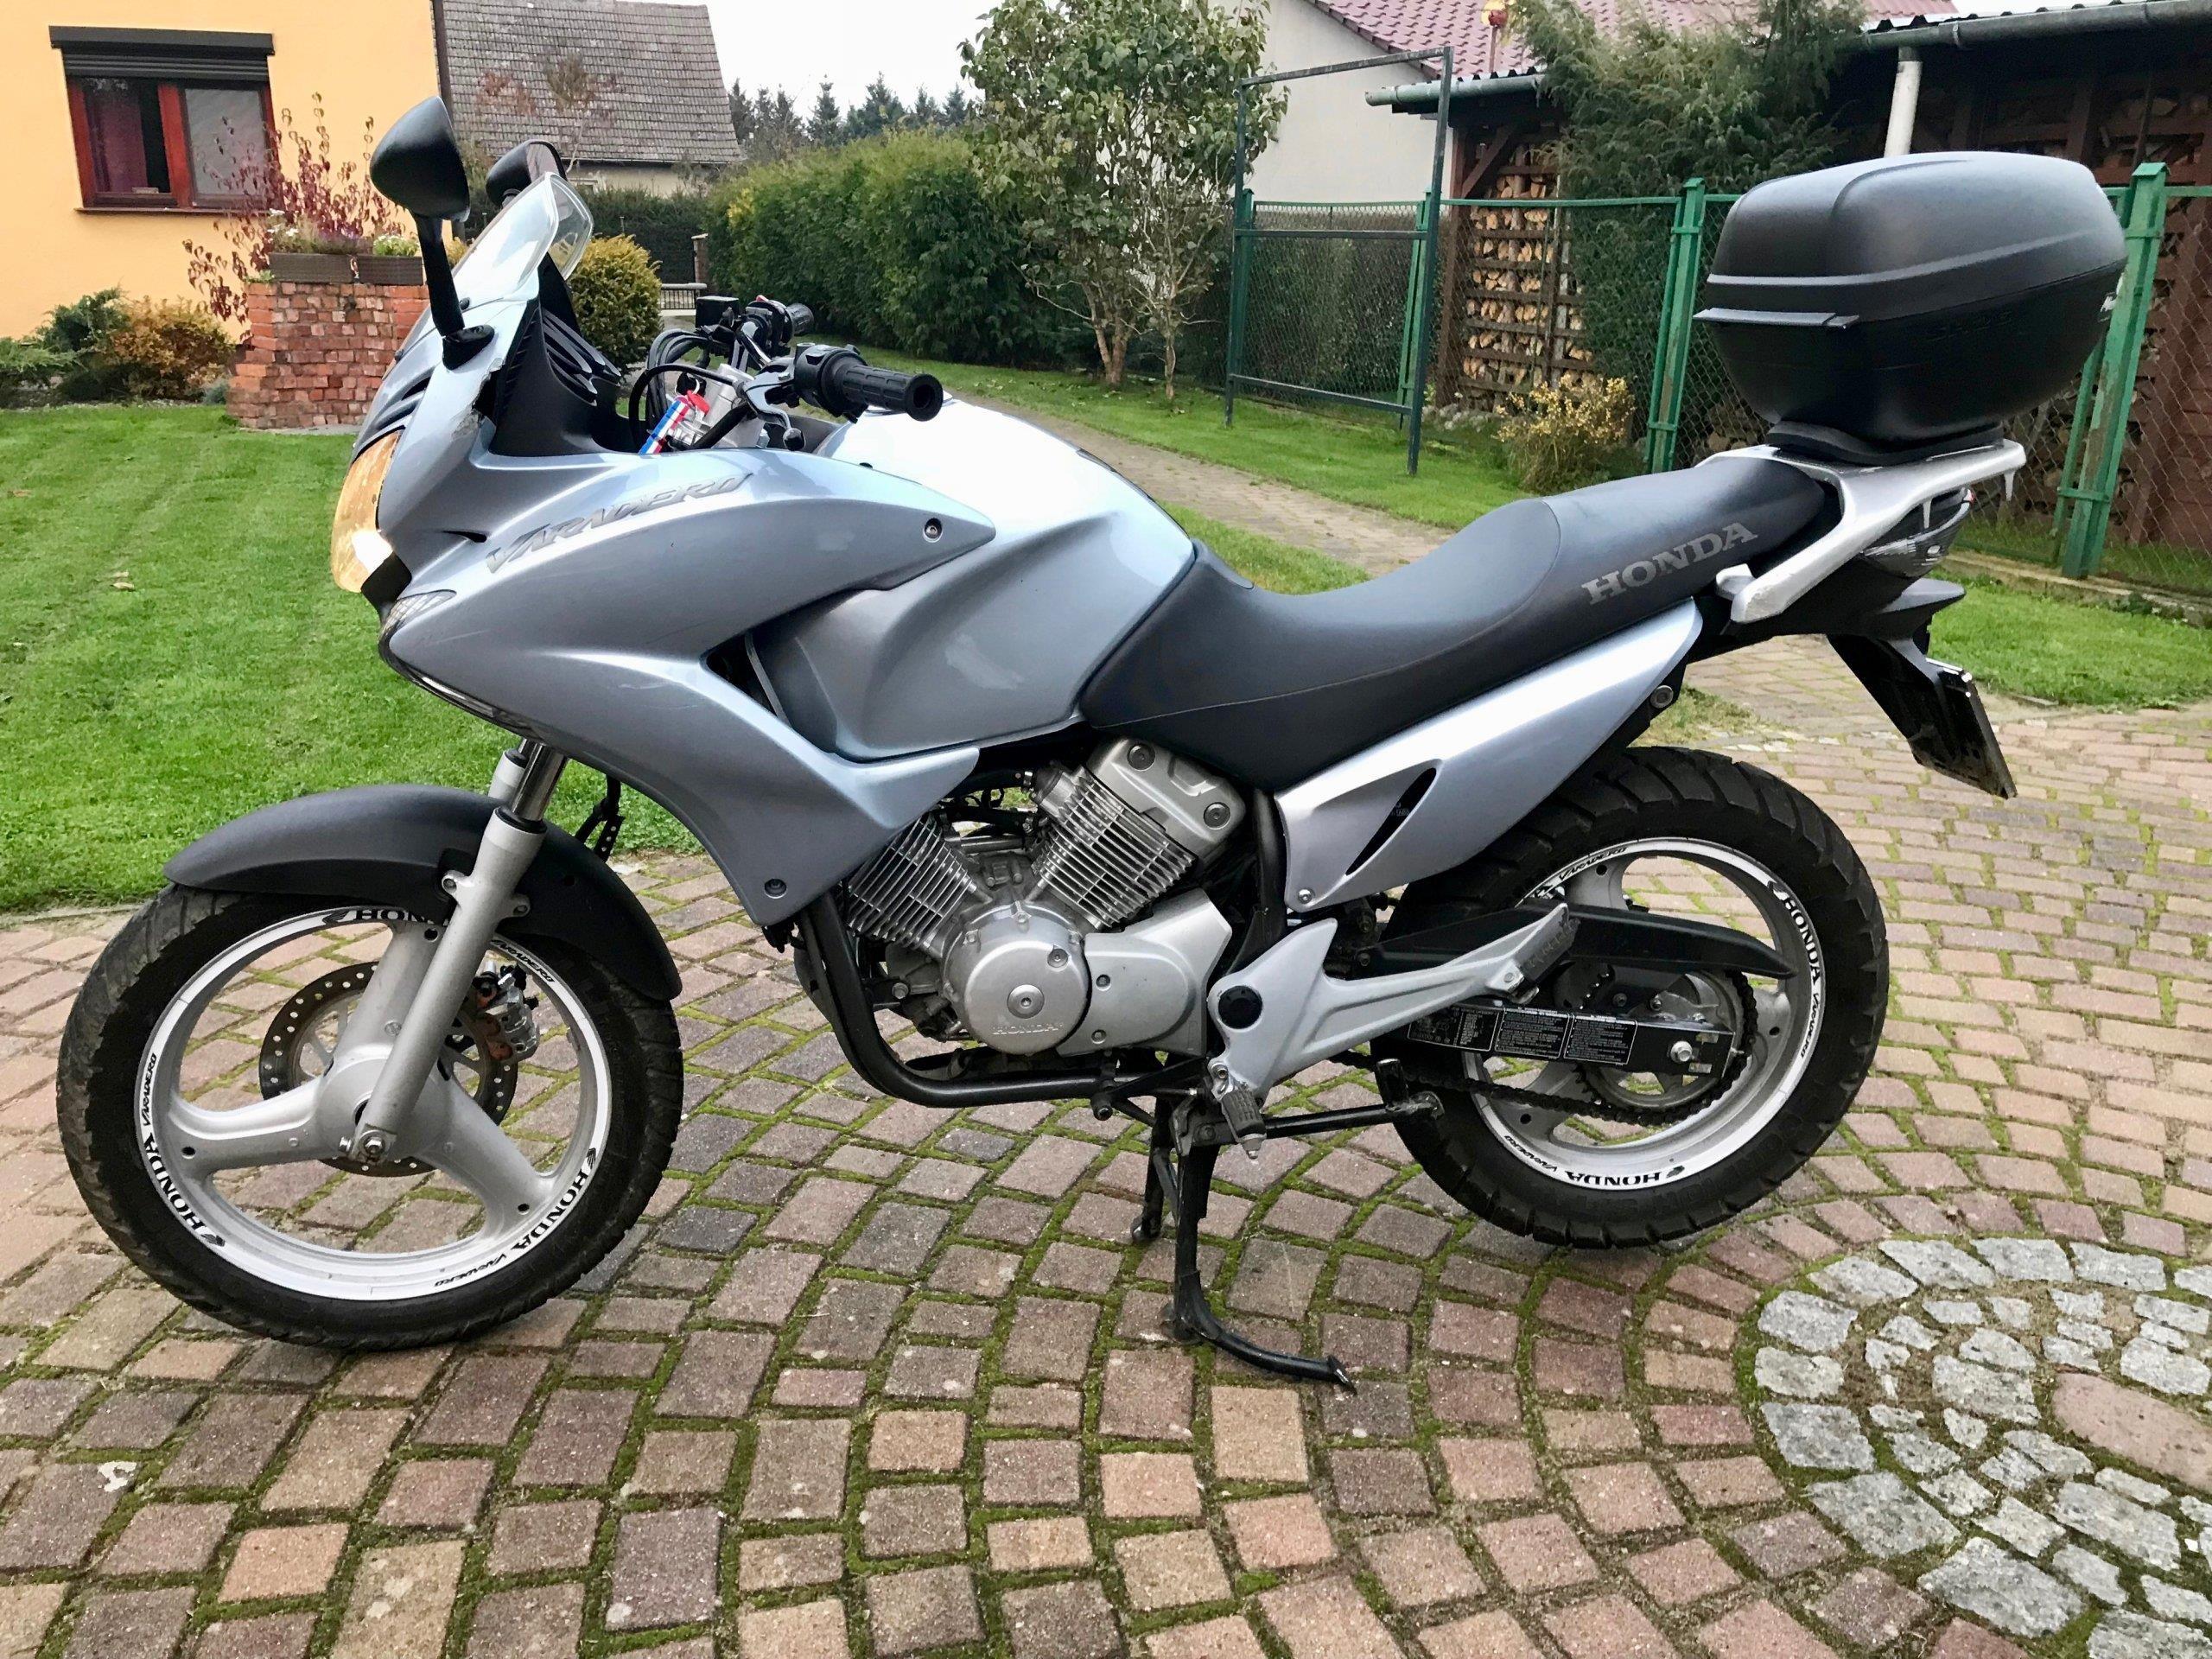 Honda Varadero 125 Duzy Motocykl Na Kategorie B Opinie I Ceny Na Ceneo Pl